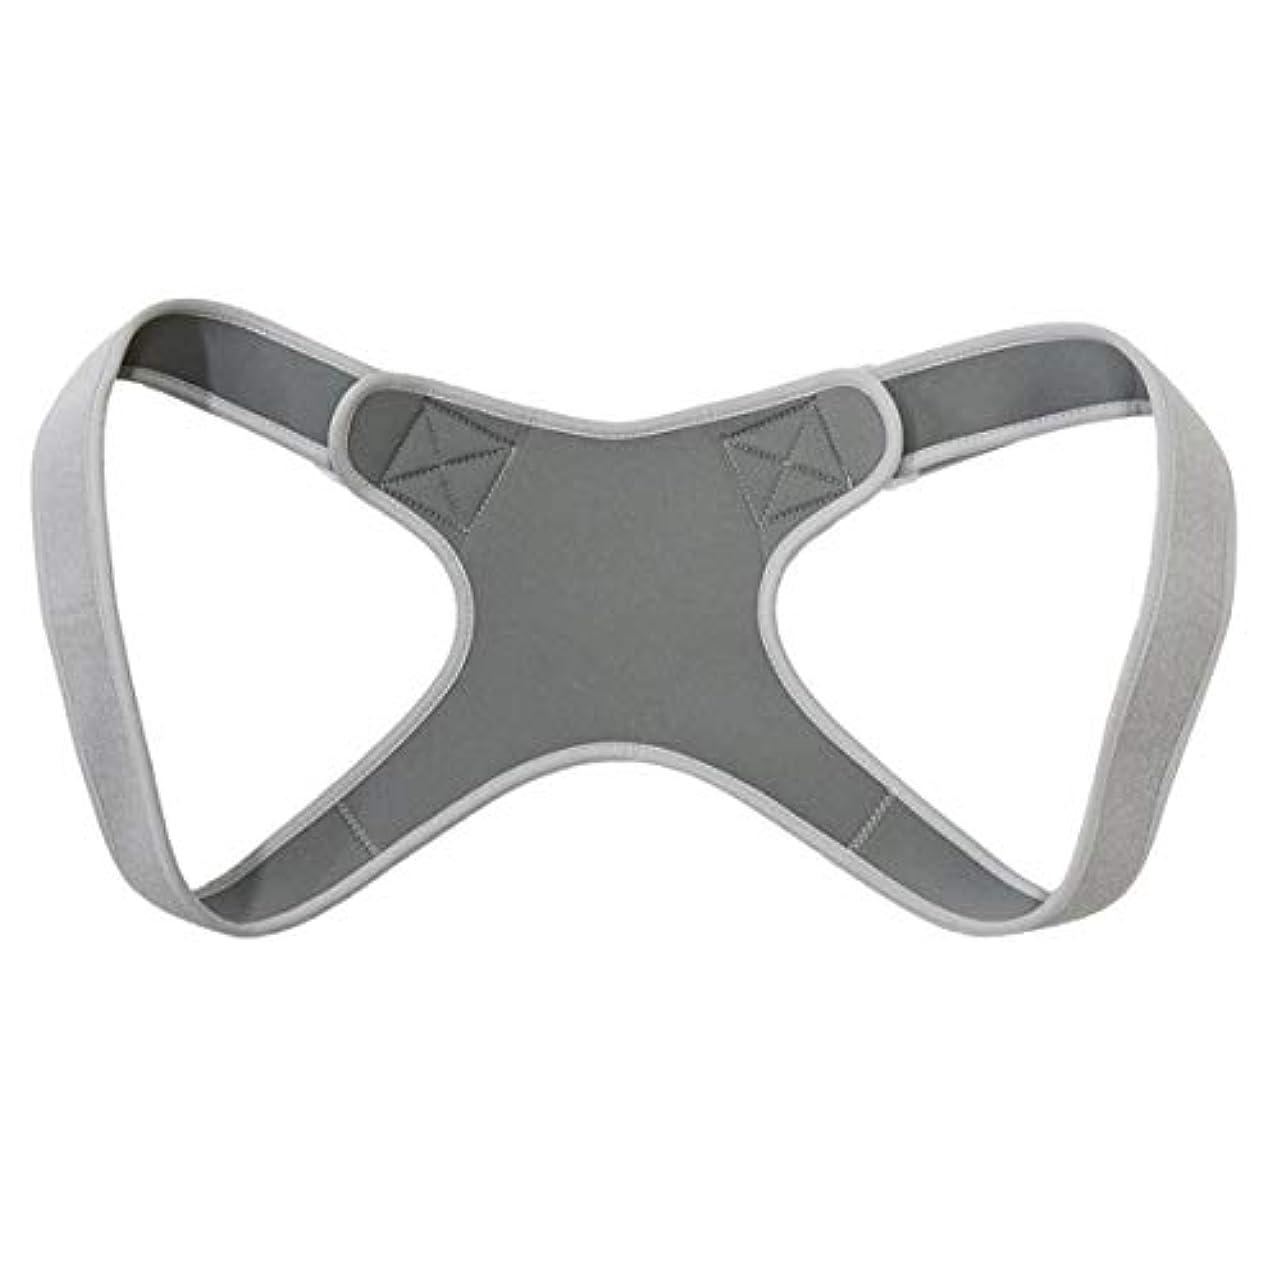 貸す認識瞑想的新しいアッパーバックポスチャーコレクター姿勢鎖骨サポートコレクターバックストレートショルダーブレースストラップコレクター - グレー